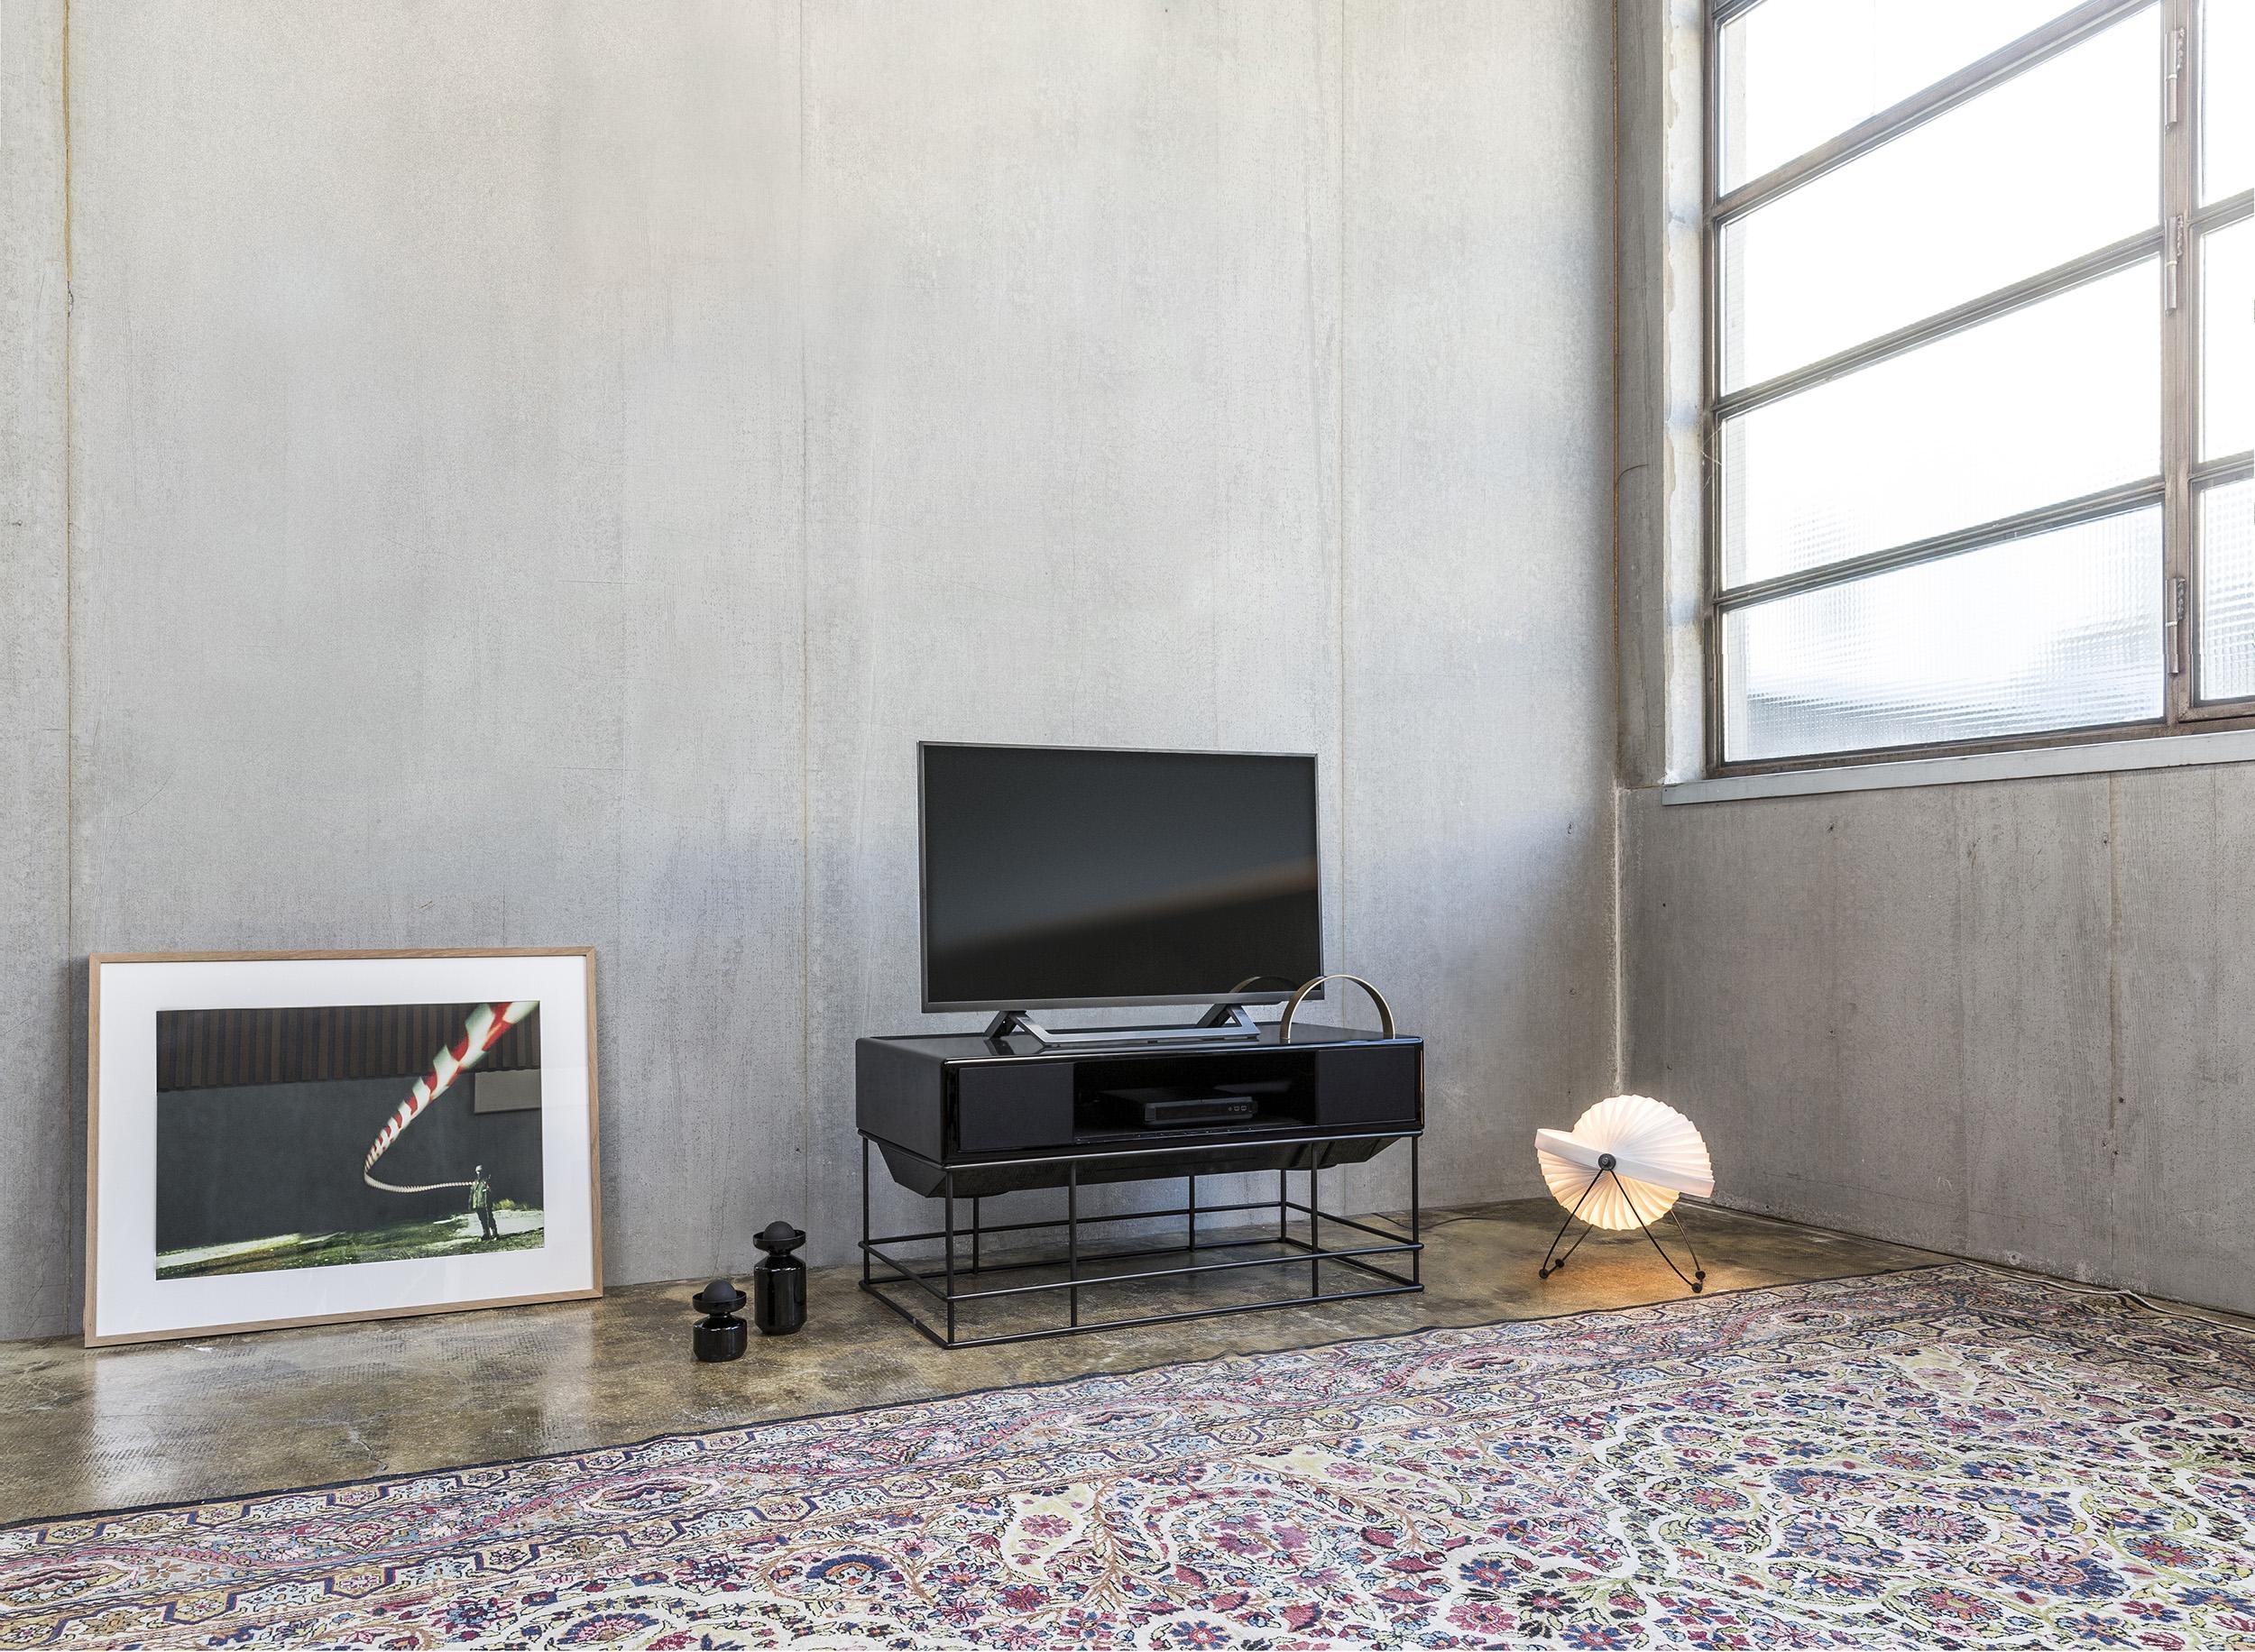 la boite concept fabricant d enceintes haute fid lit sparkling presse relations presse. Black Bedroom Furniture Sets. Home Design Ideas